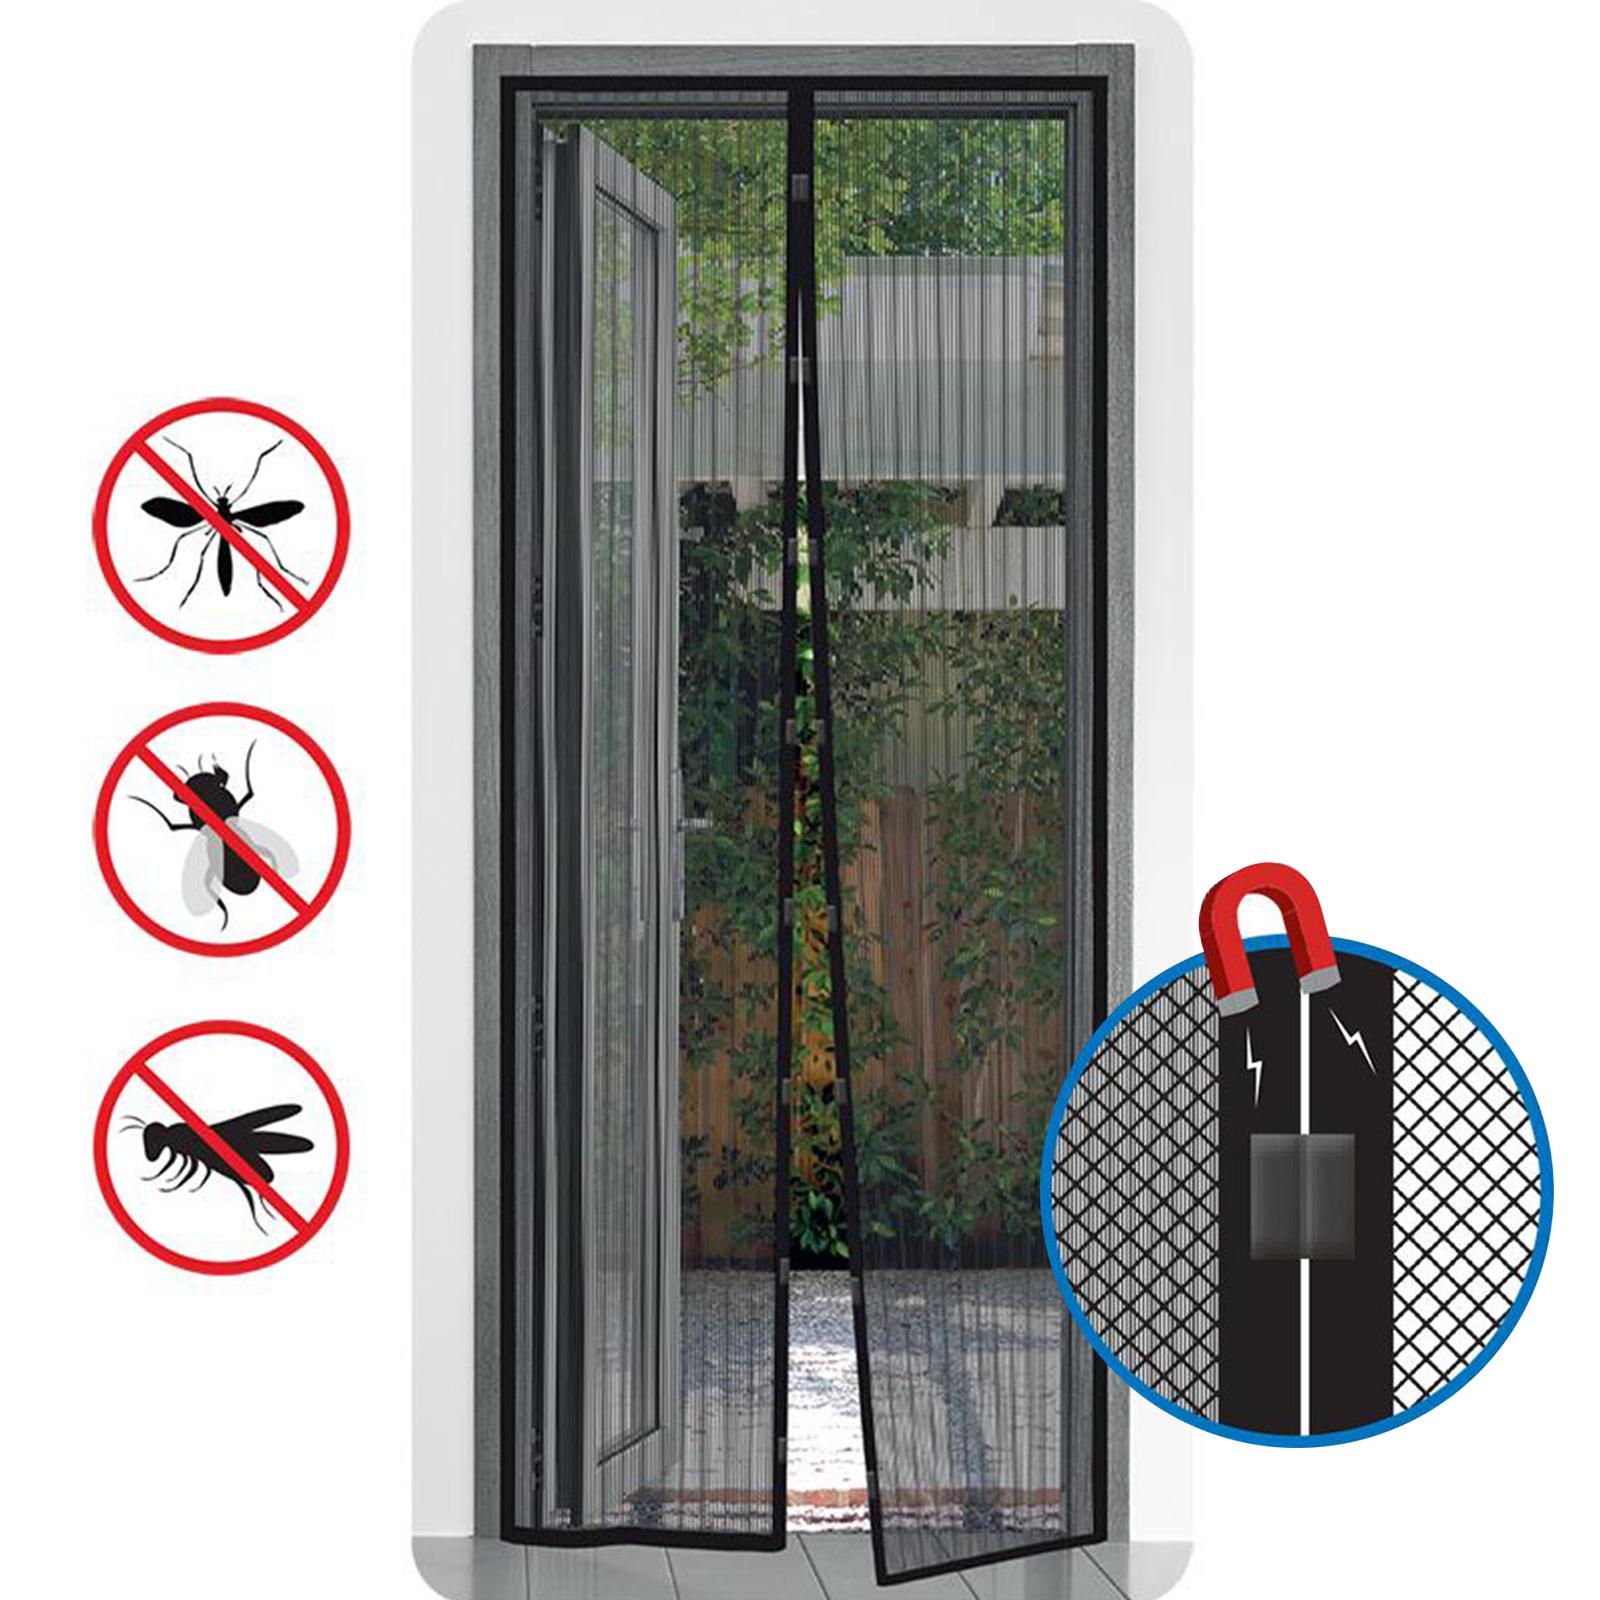 Insektenschutz Tür mit Magnetverschluss 210x100 cm Klettbefestigung